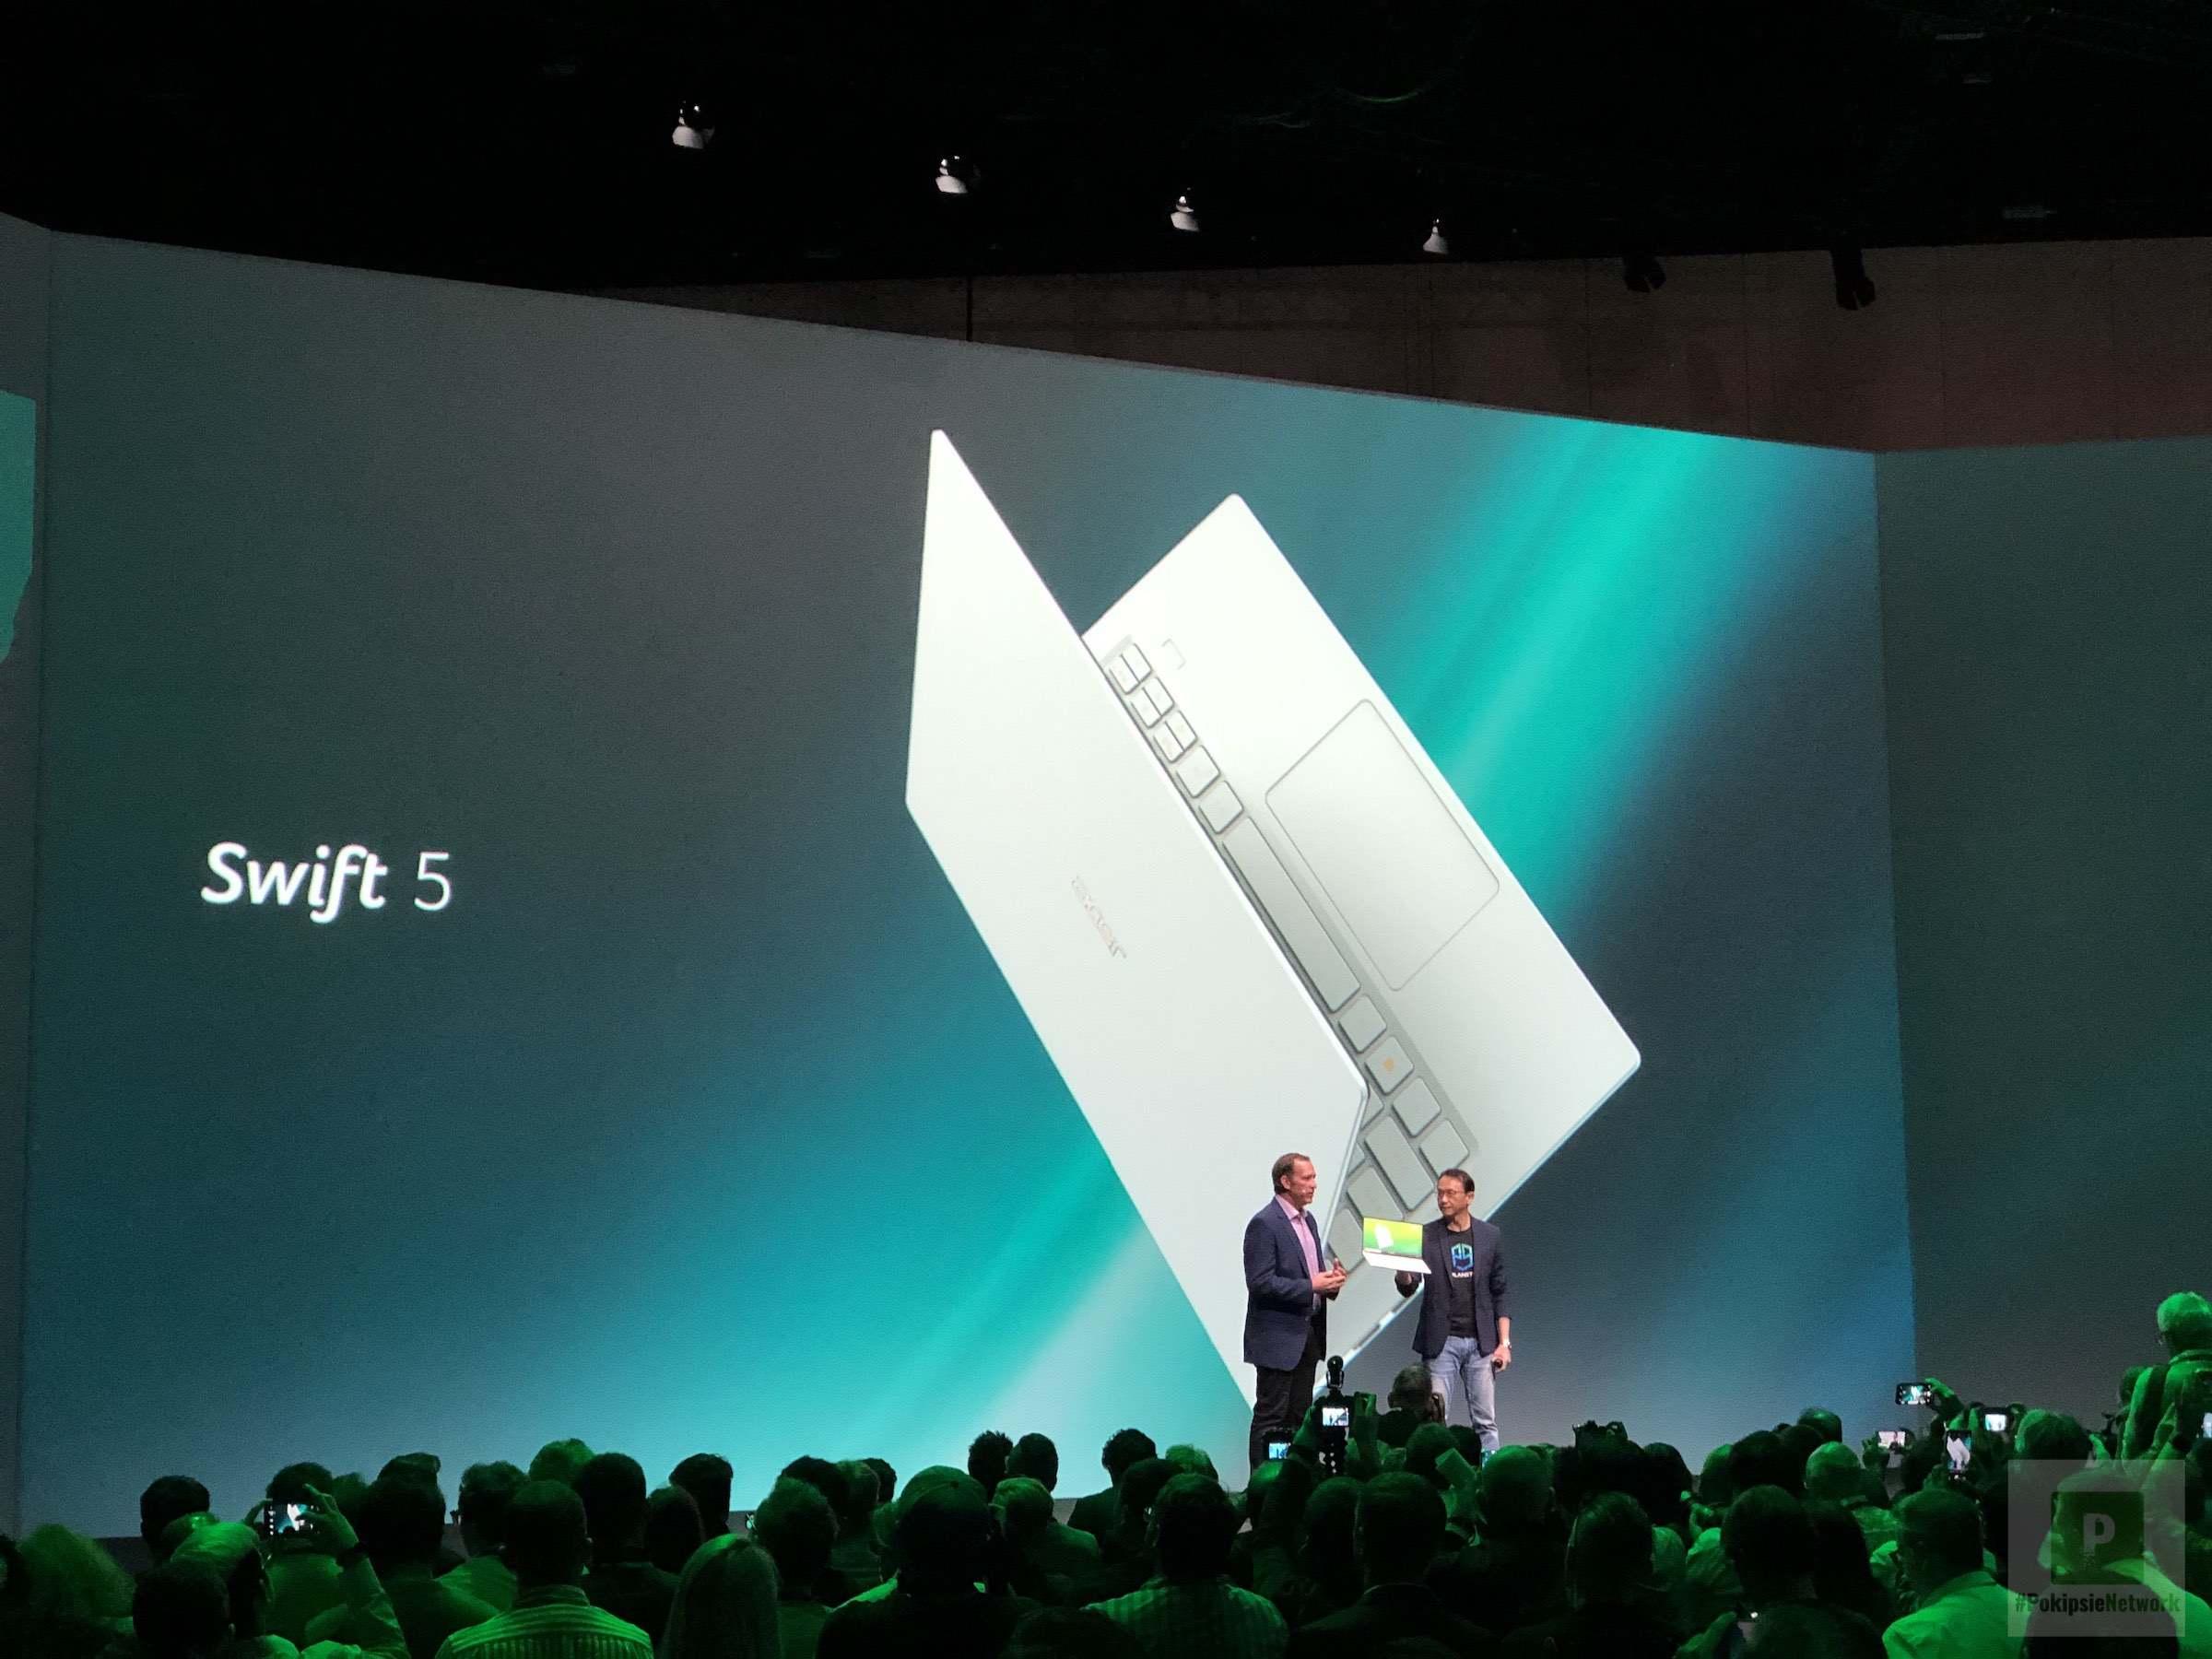 Acer Swift 5: Hersteller stellt viele neue Geräte vor #IFA2019